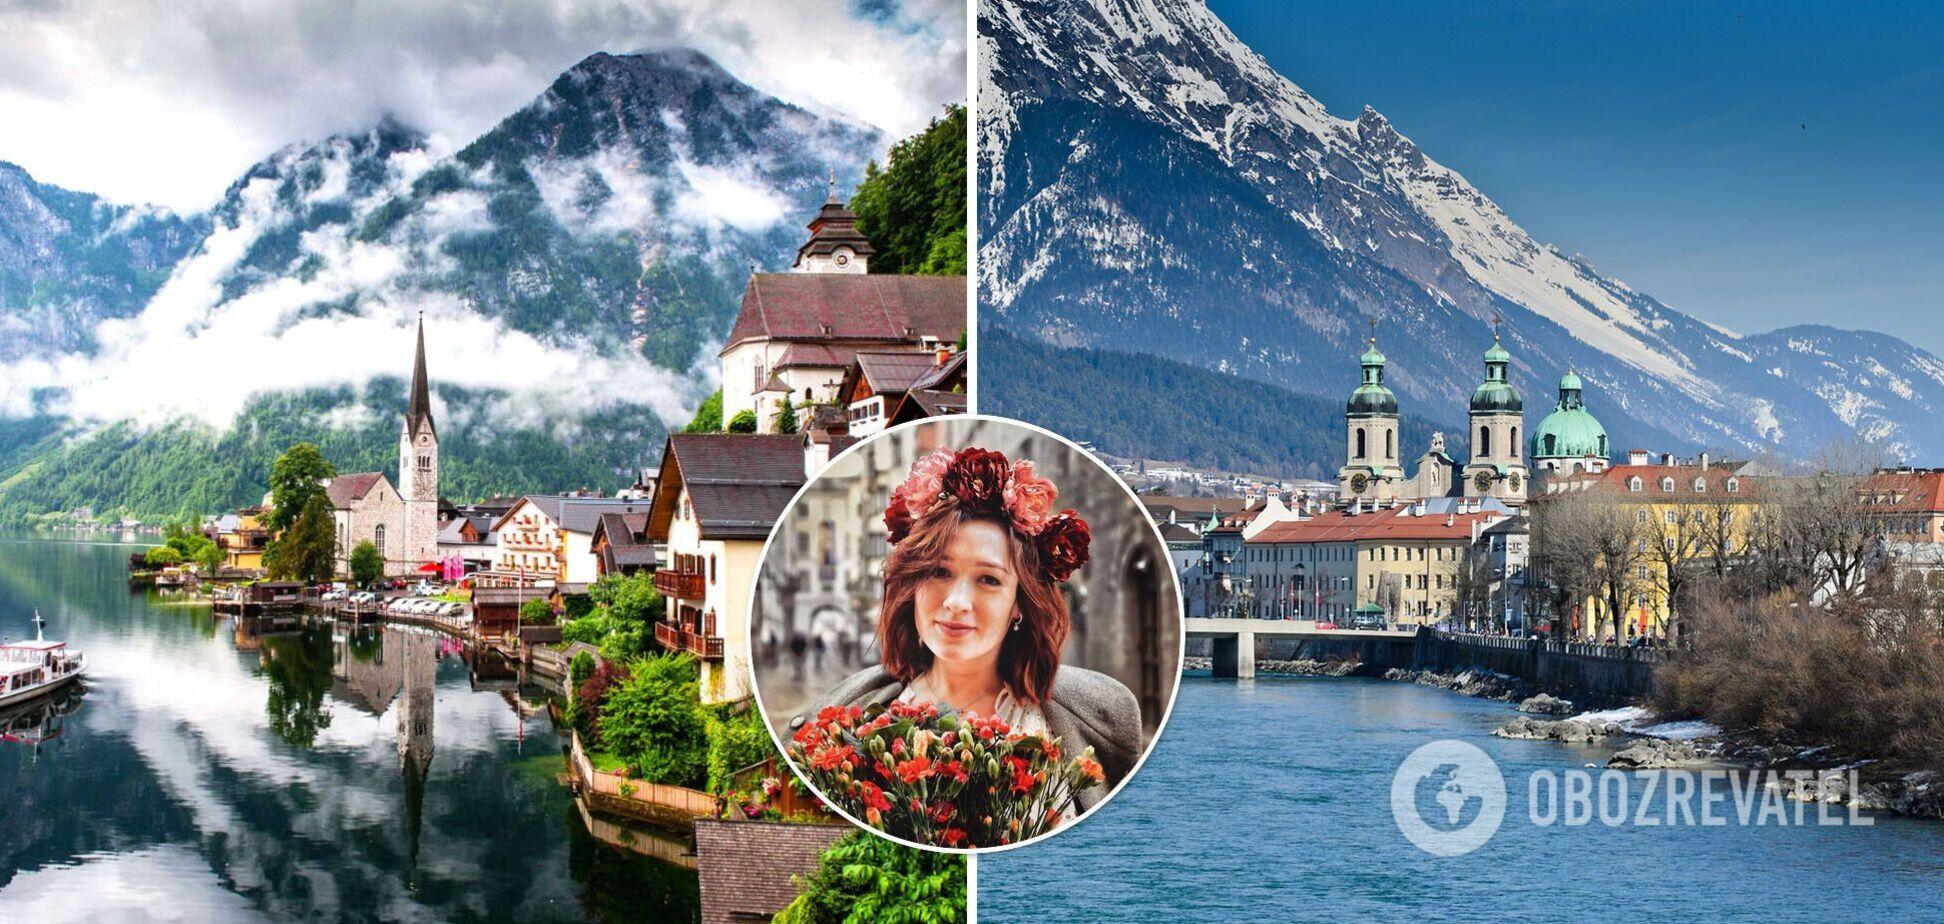 Оренда квартири 800 євро, соціальні виплати і подвійні зарплати: українка – про життя в Австрії